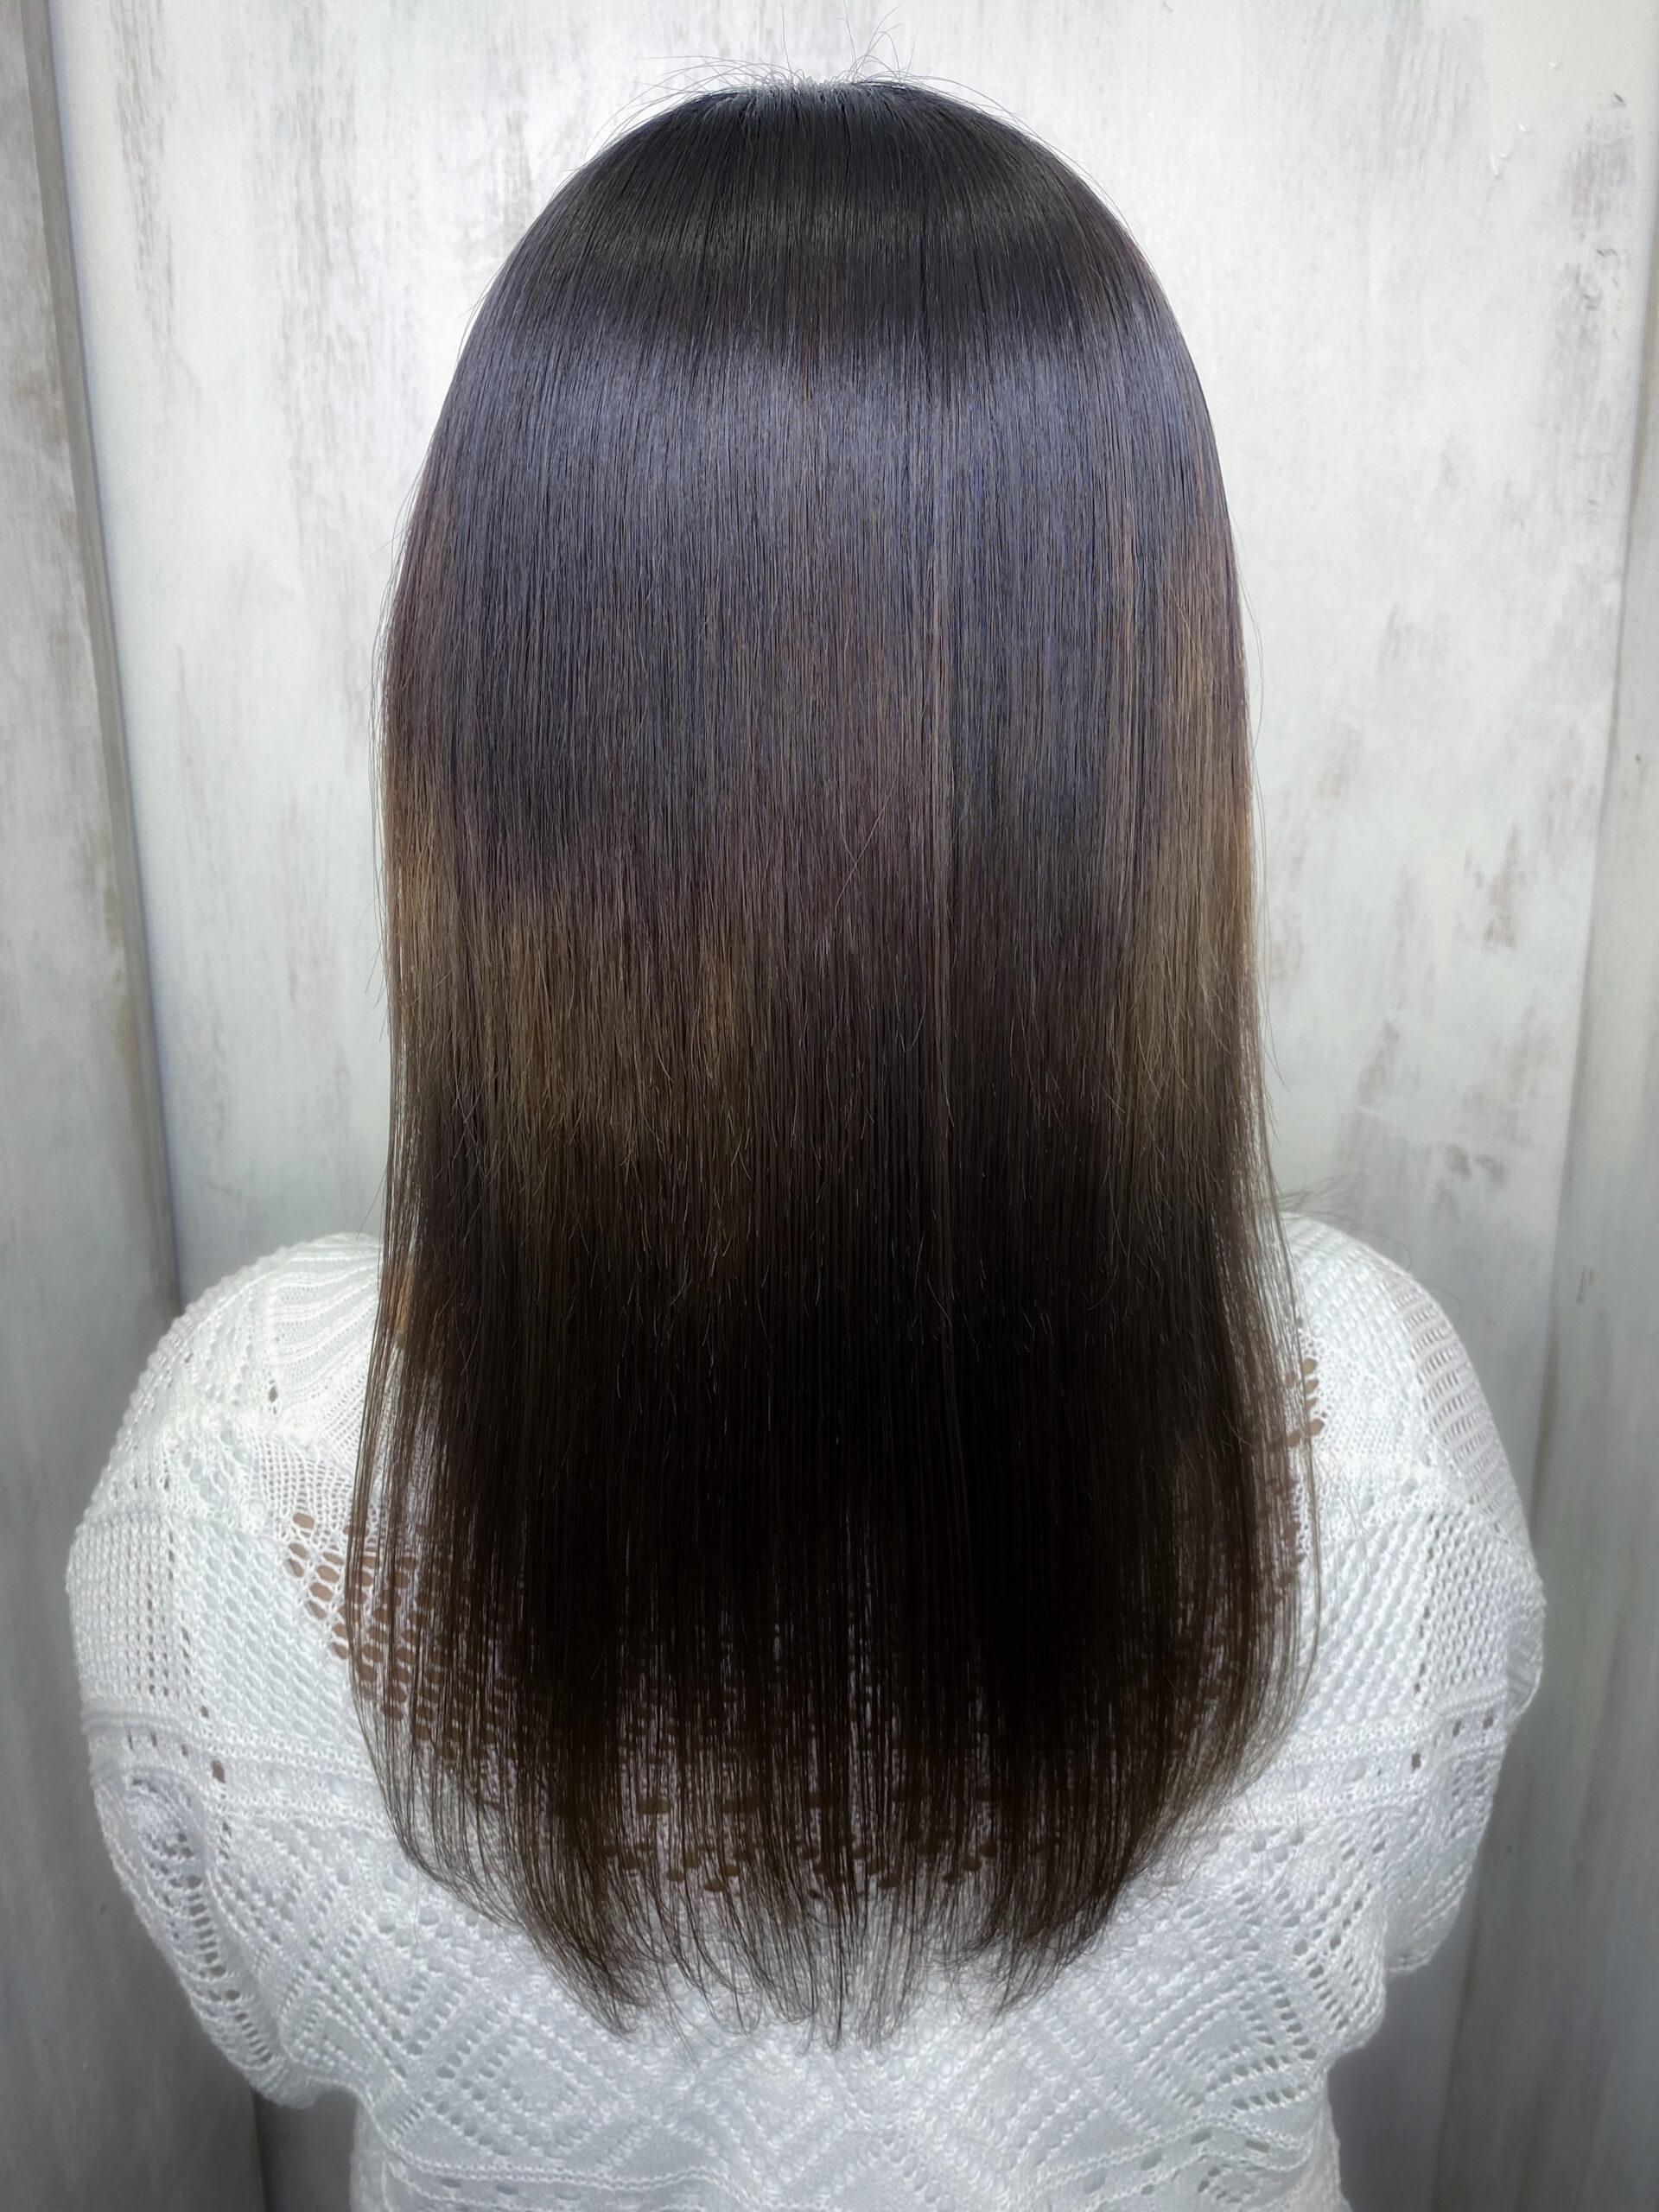 ブリーチと縮毛矯正でチリチリと切れ毛が。。【ビビリ矯正】で艶髪ストレートヘア。